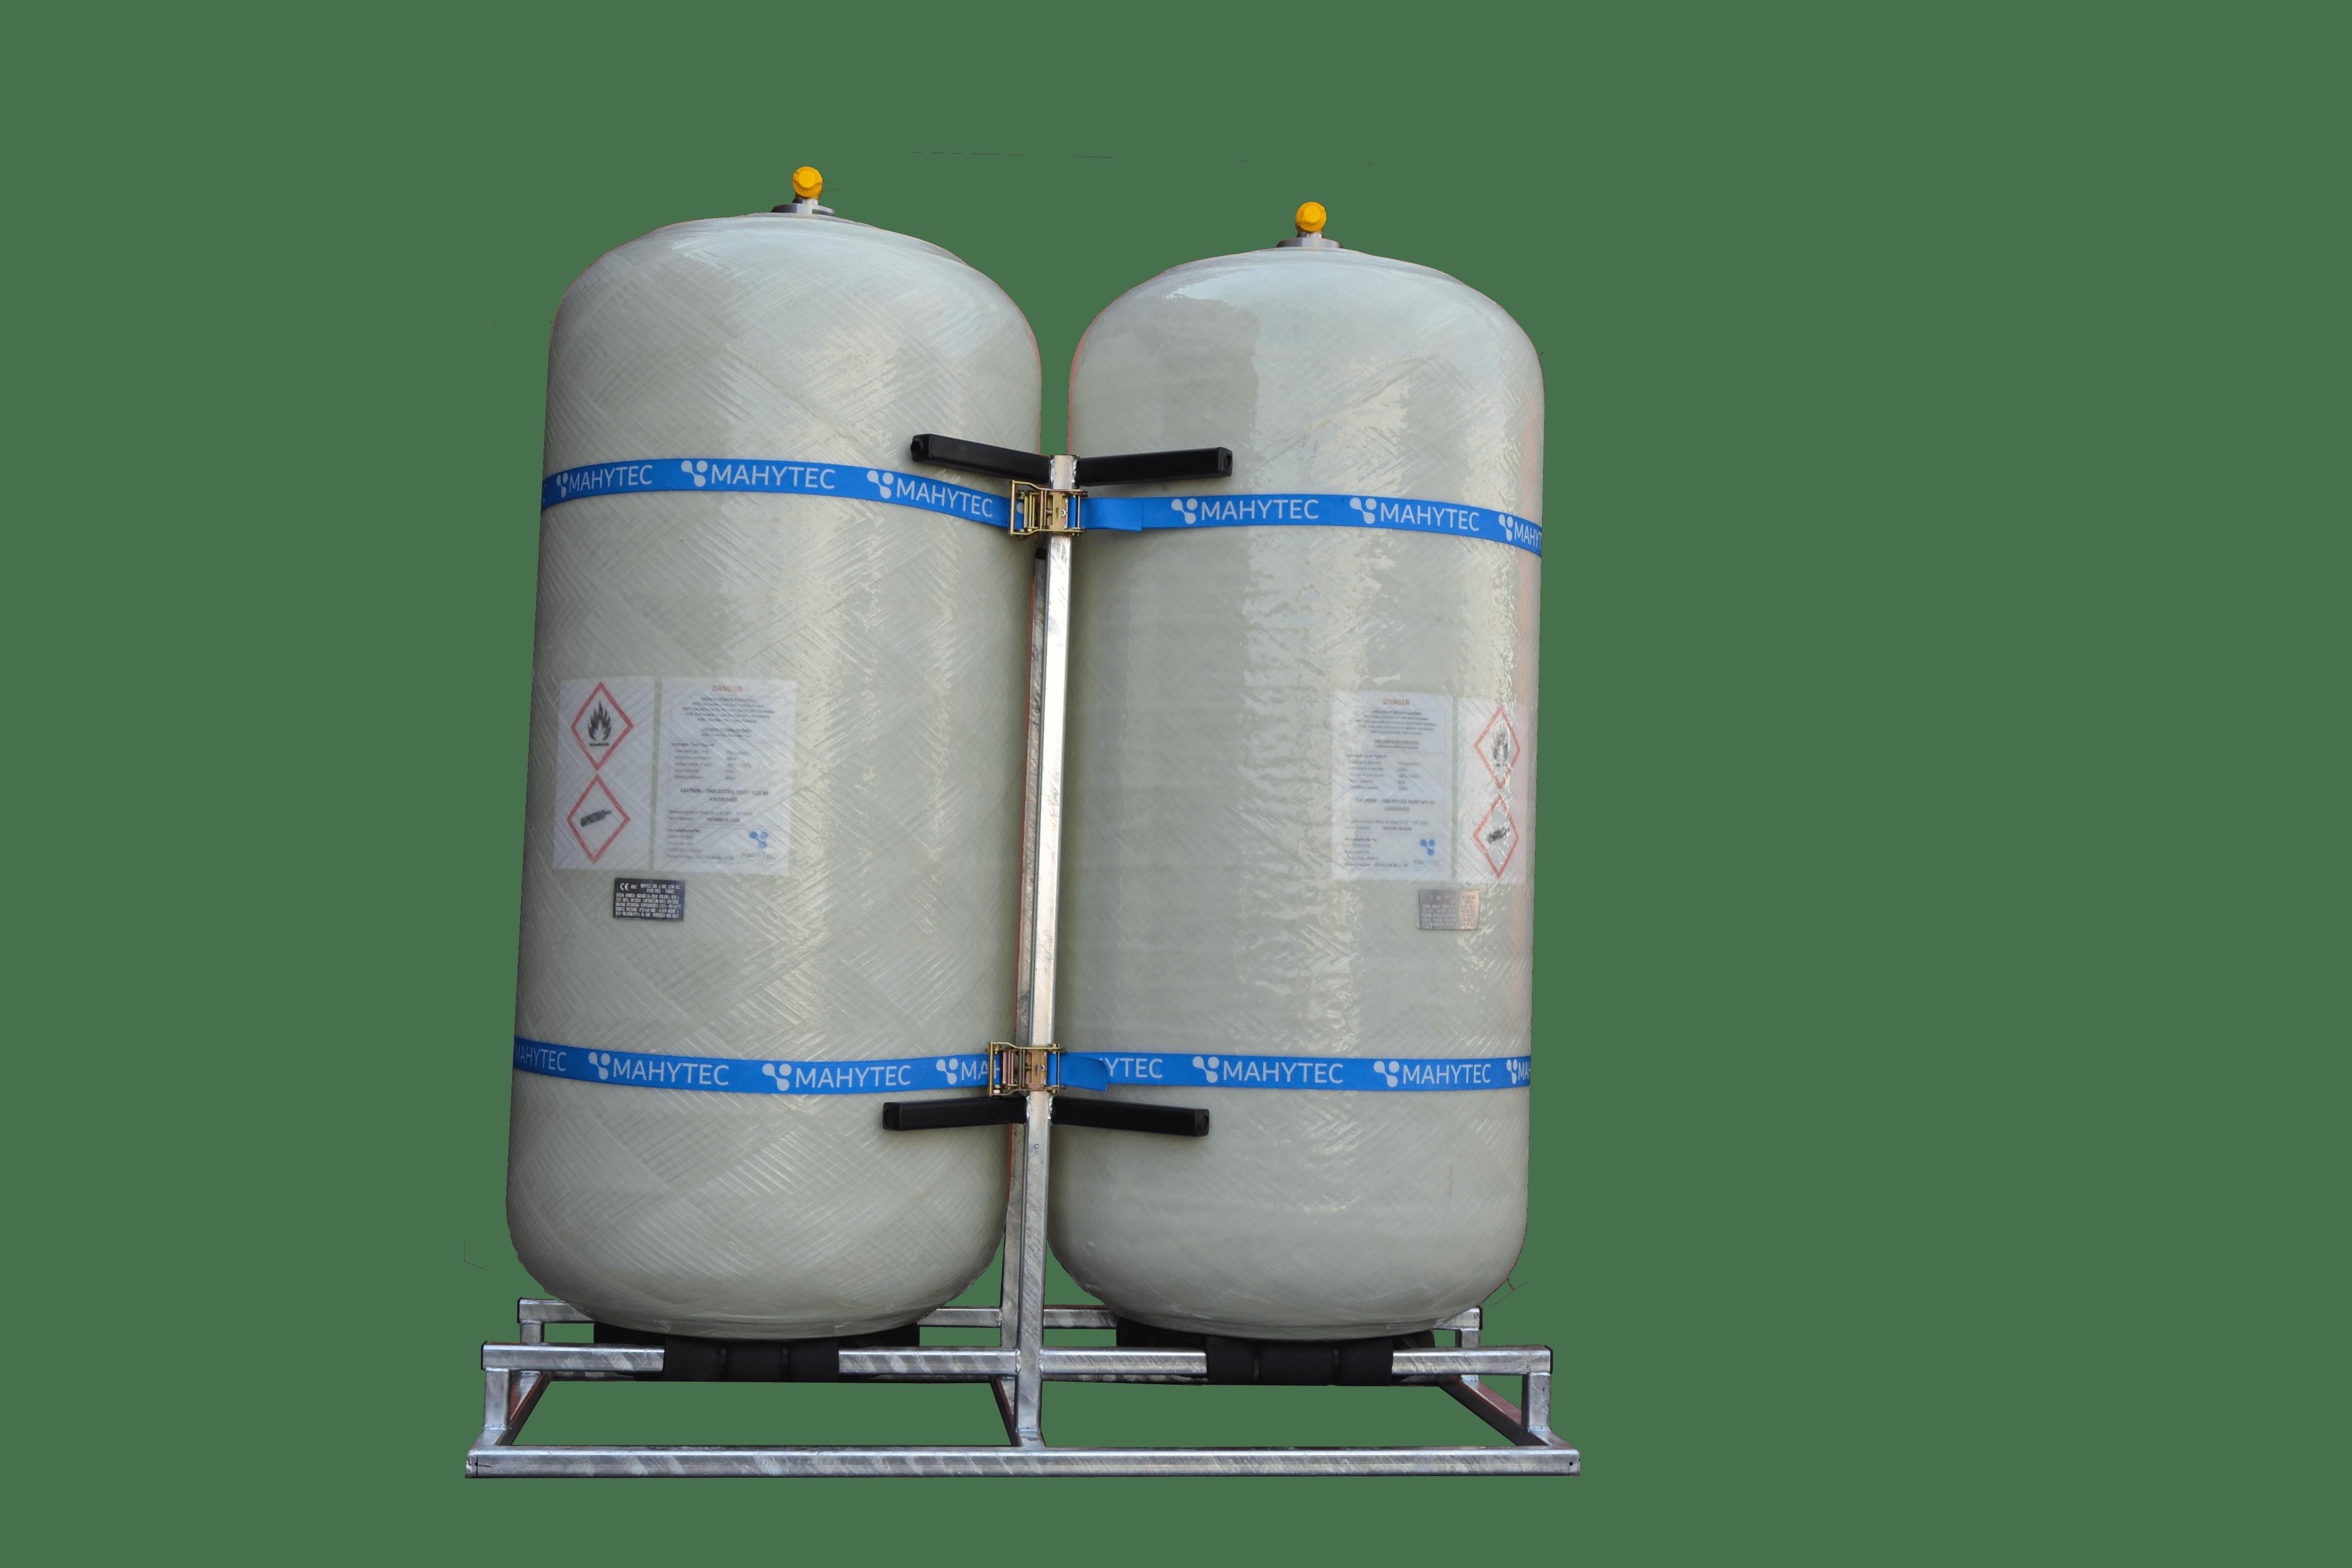 Transport hydrogène : réservoir de stockage d'hydrogène 60 bar 850l - 2